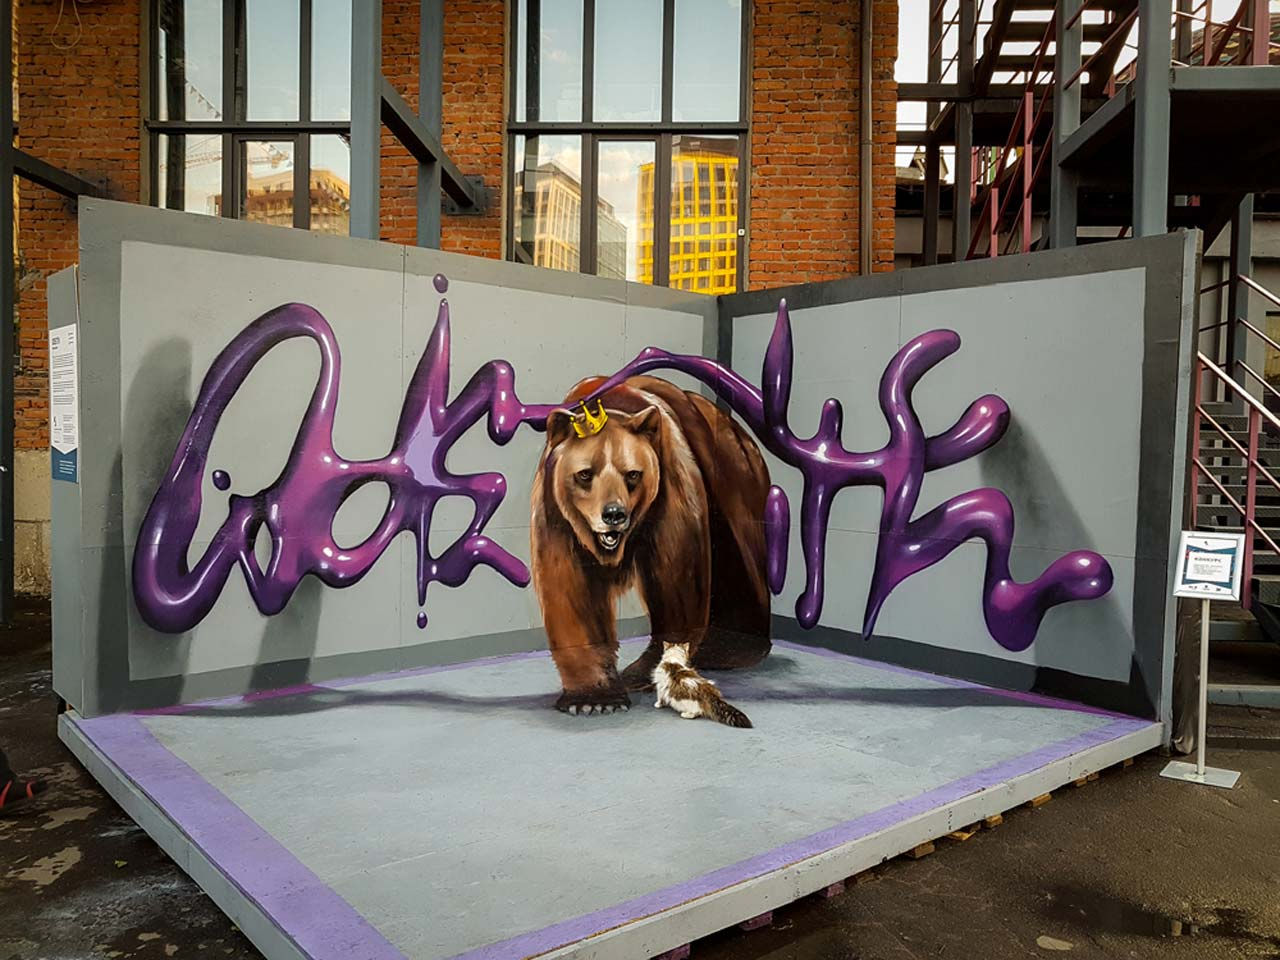 odeith moscow 2016 - Odeith fait jaillir par anamorphose des insectes géants !